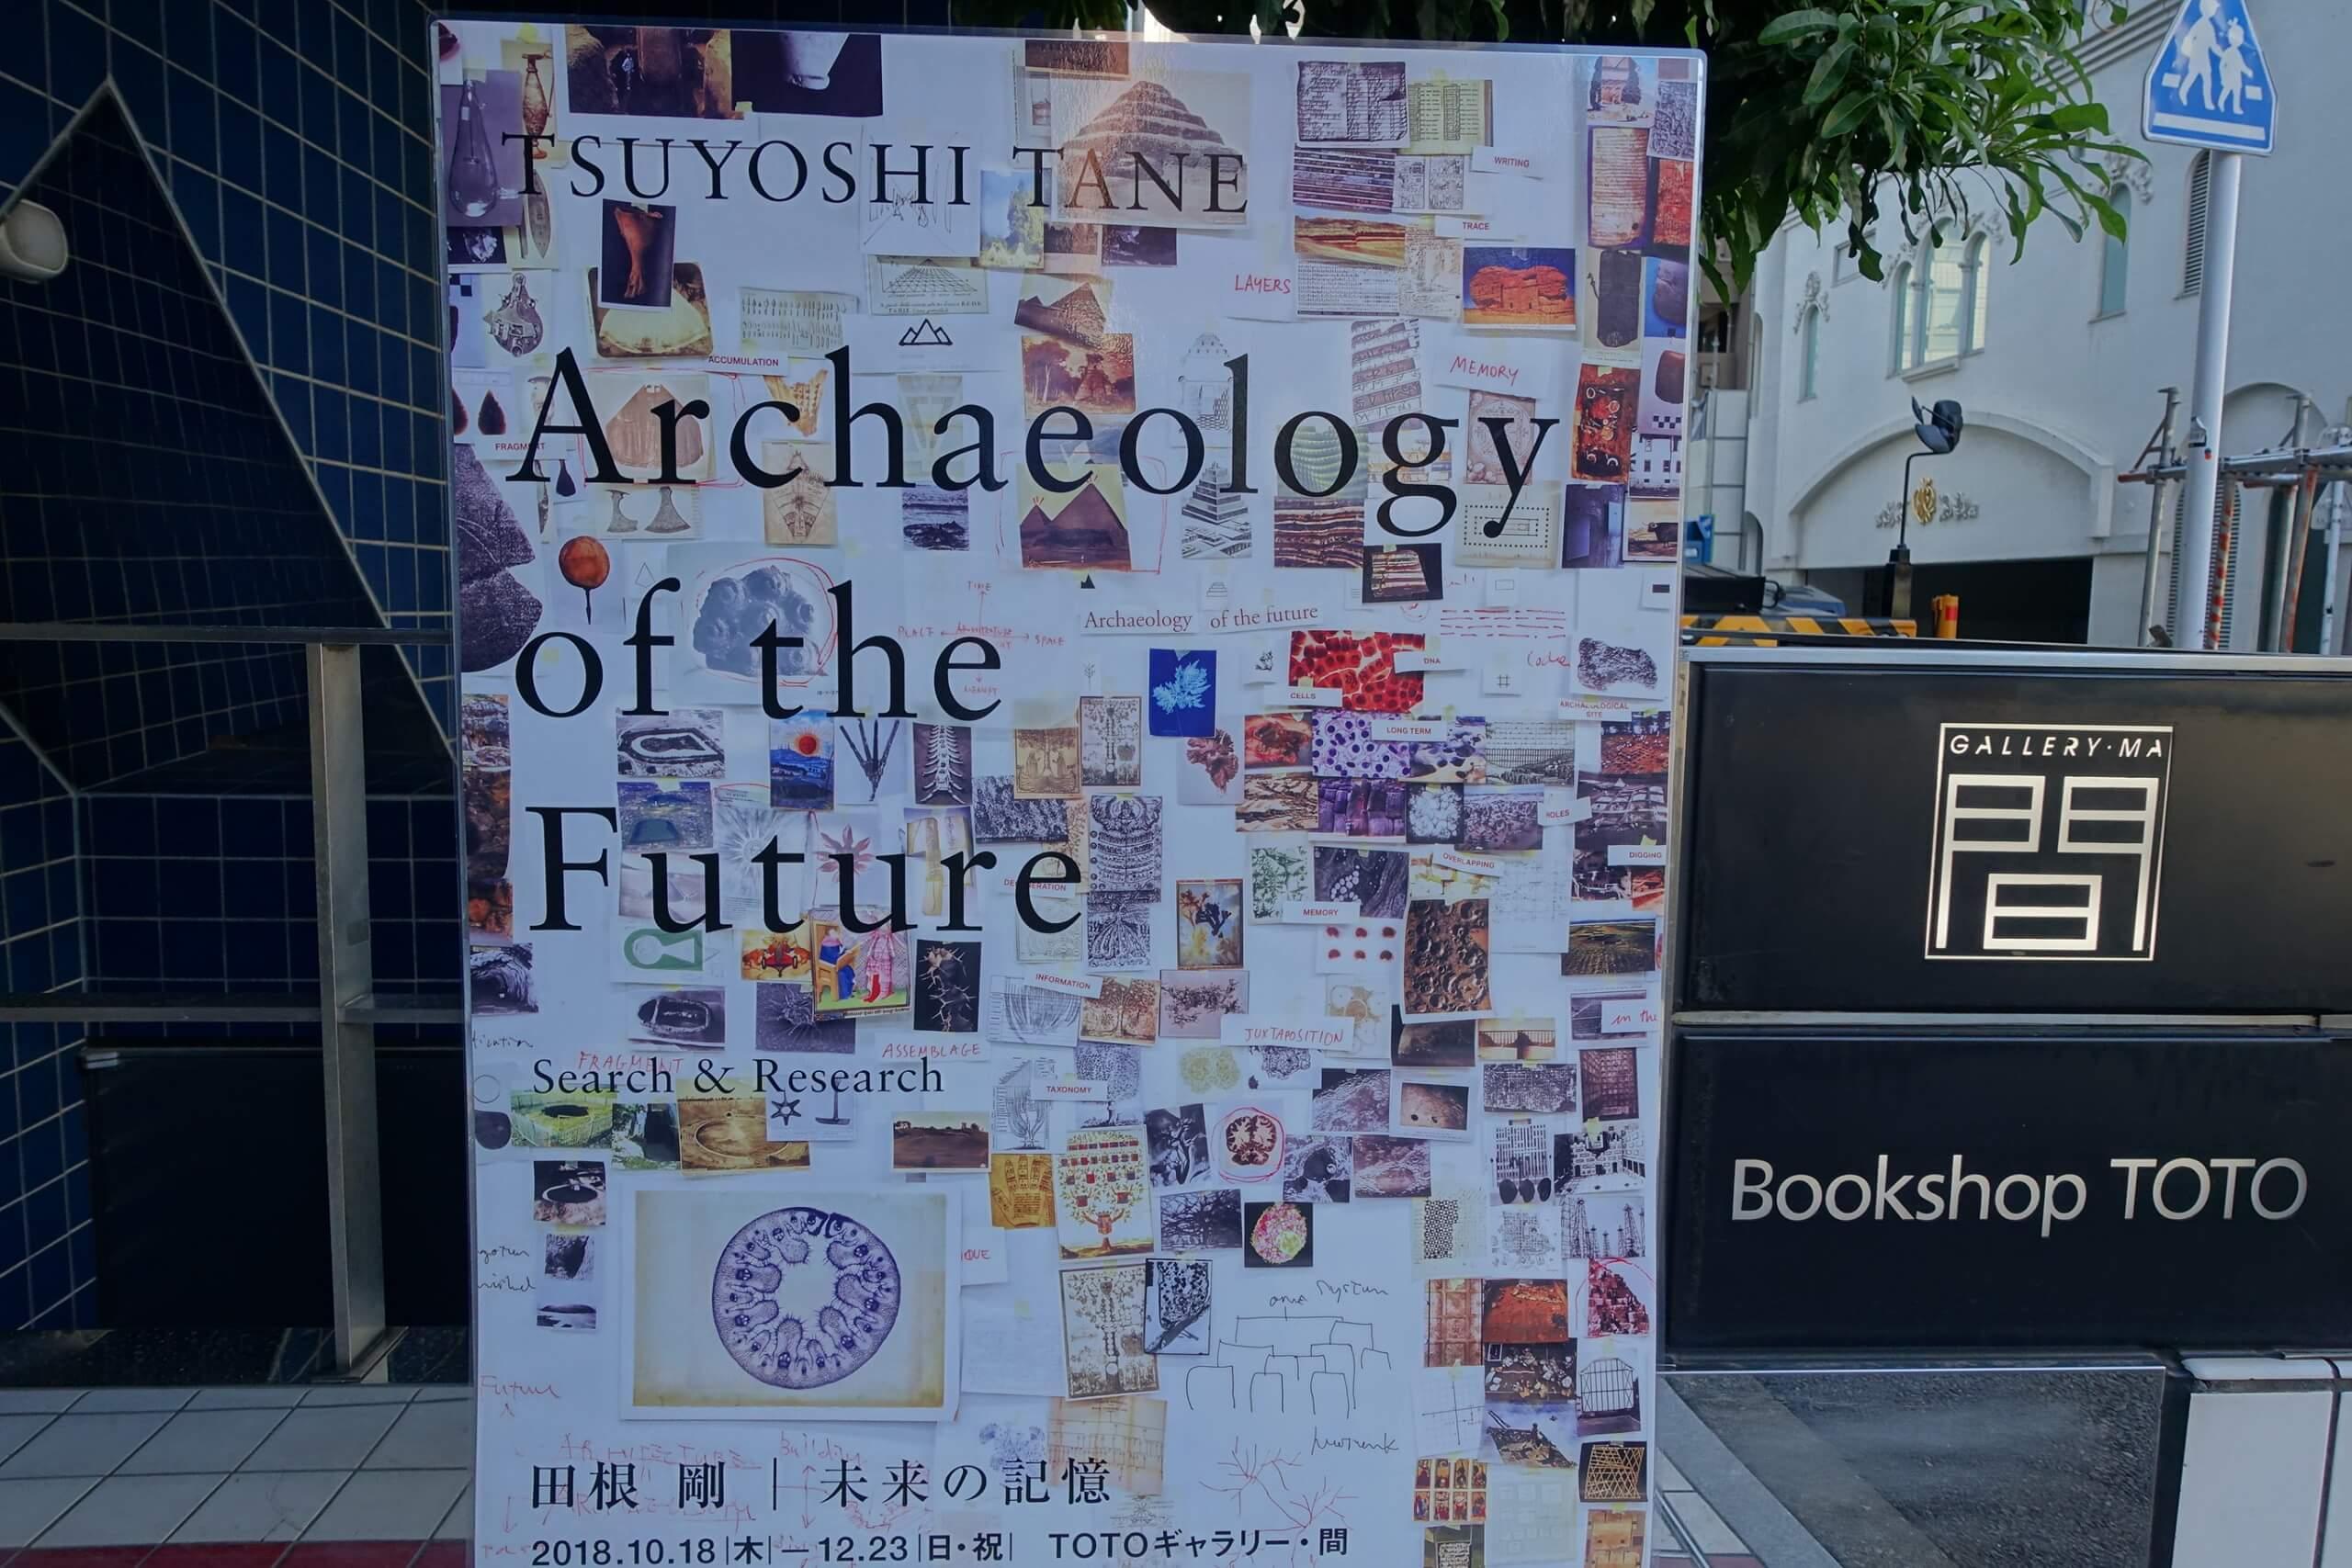 田根 剛 未来の記憶 Archaeology of the Future―Search & Research@TOTOギャラリー間